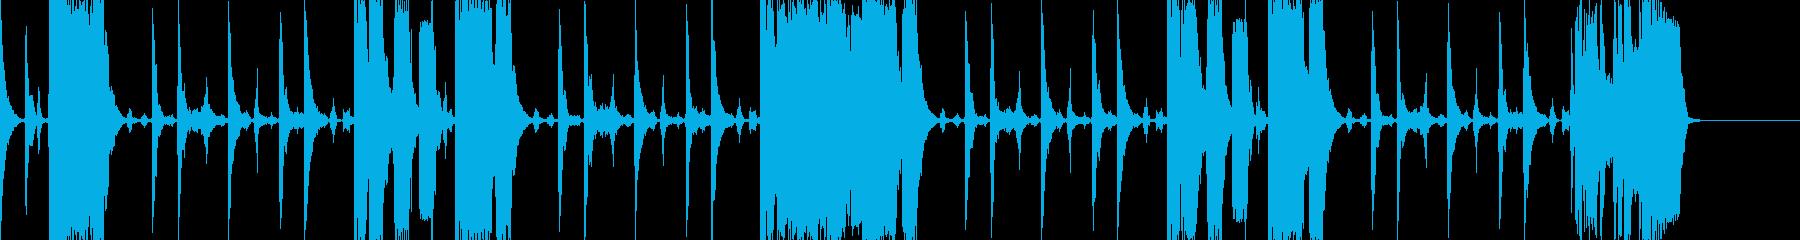 ファンク系のBGM(ちょっと激しめ)の再生済みの波形